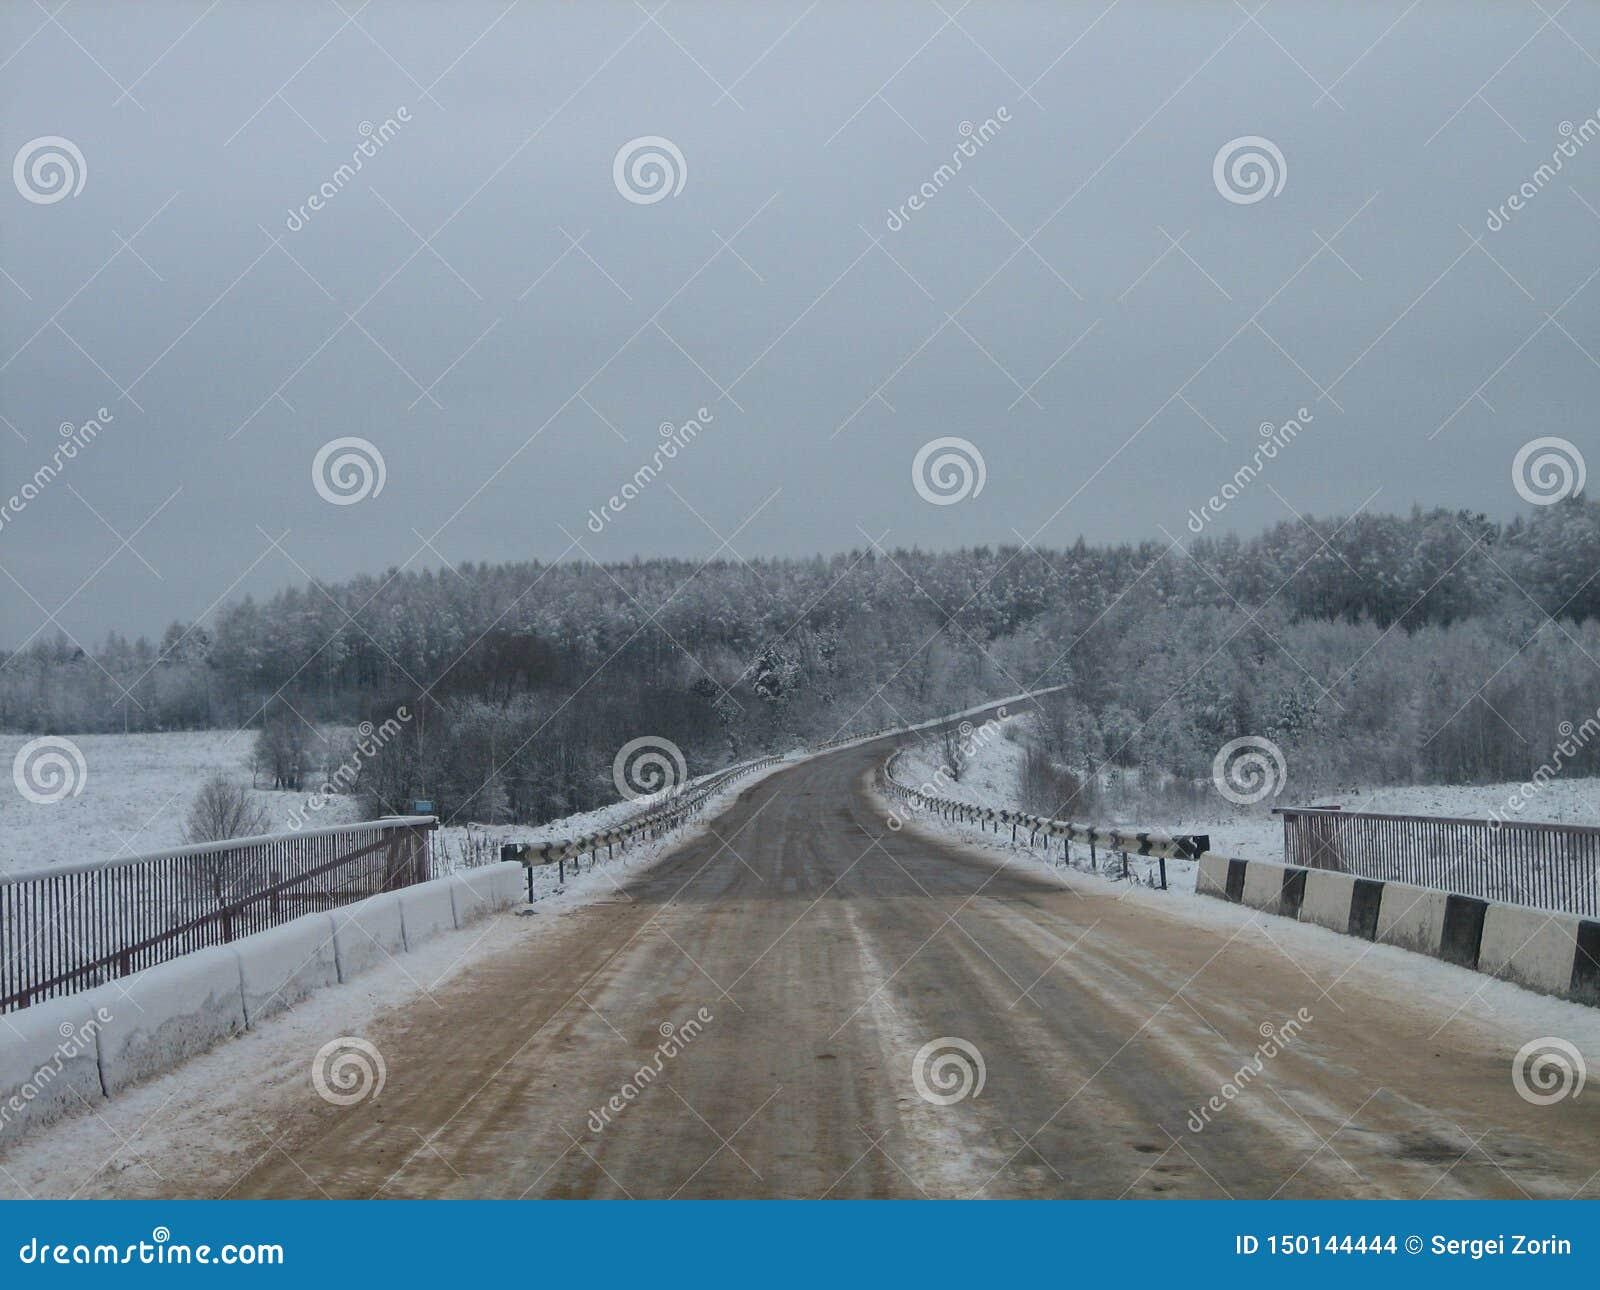 Οδική γέφυρα πέρα από τον ποταμό στη δασική άκρη το χειμώνα μια γκρίζα νεφελώδη ημέρα